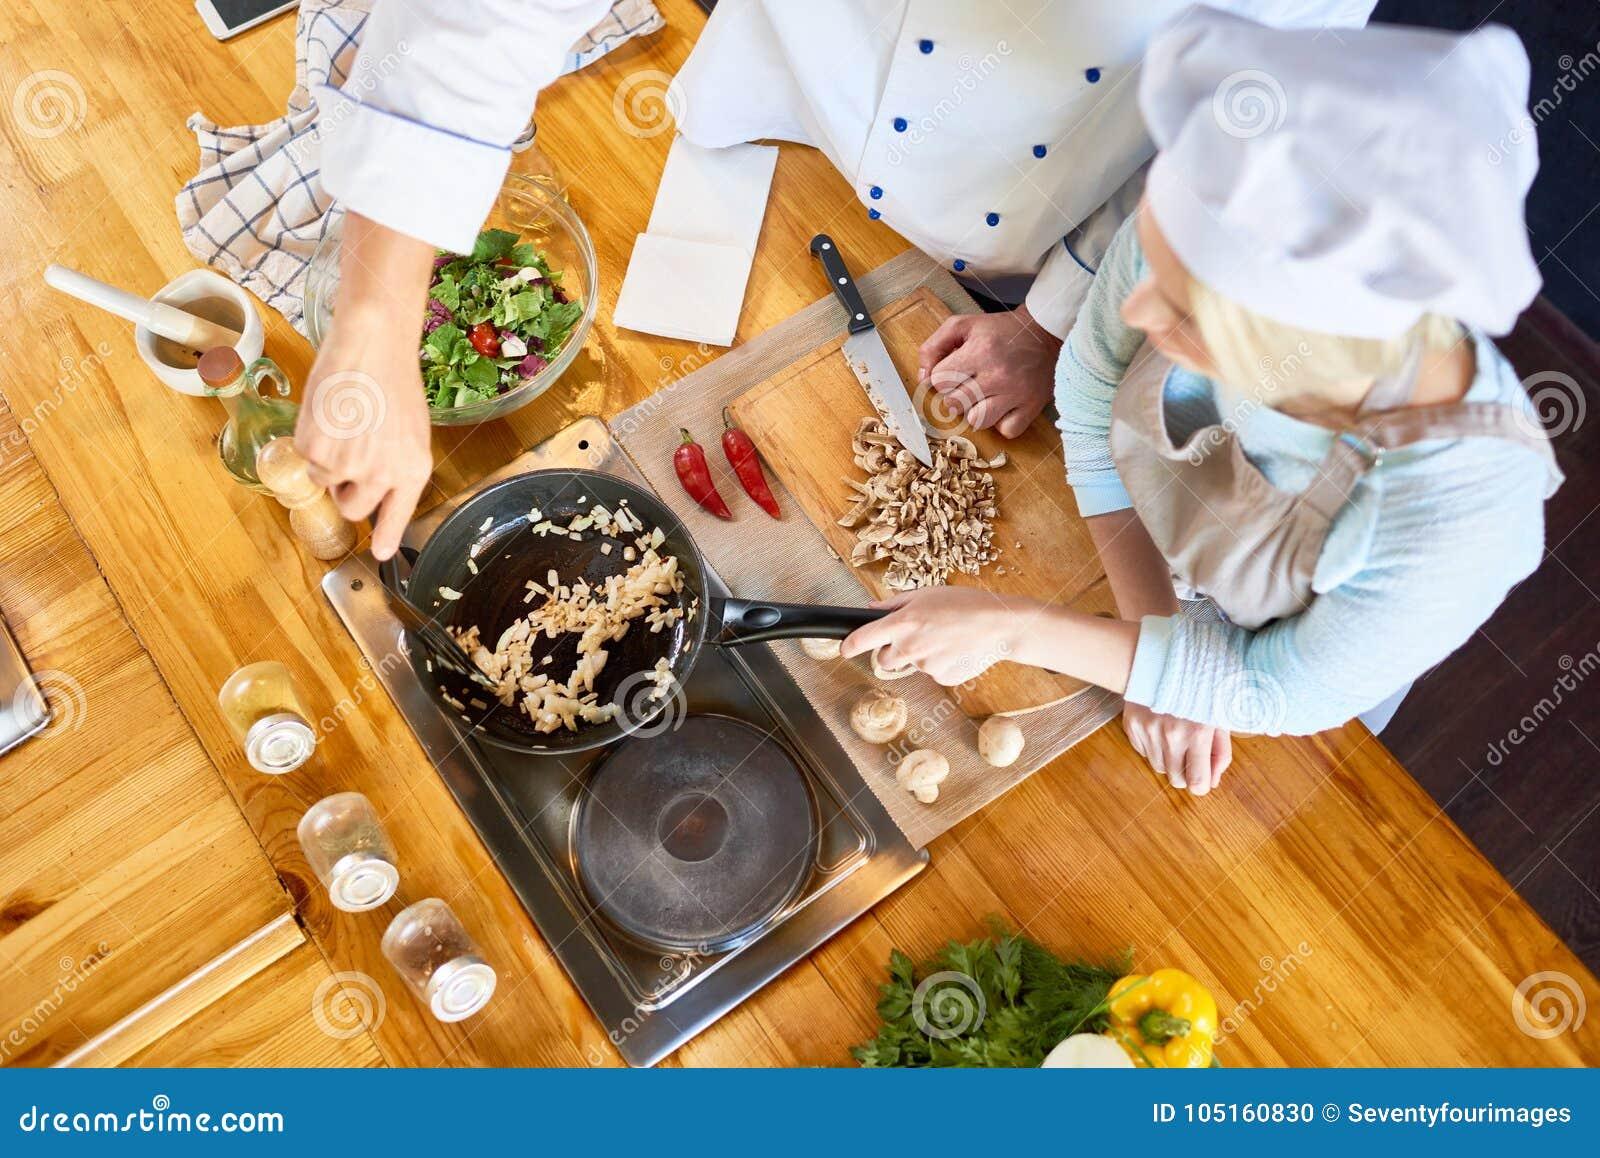 Teamwork på modernt restaurangkök